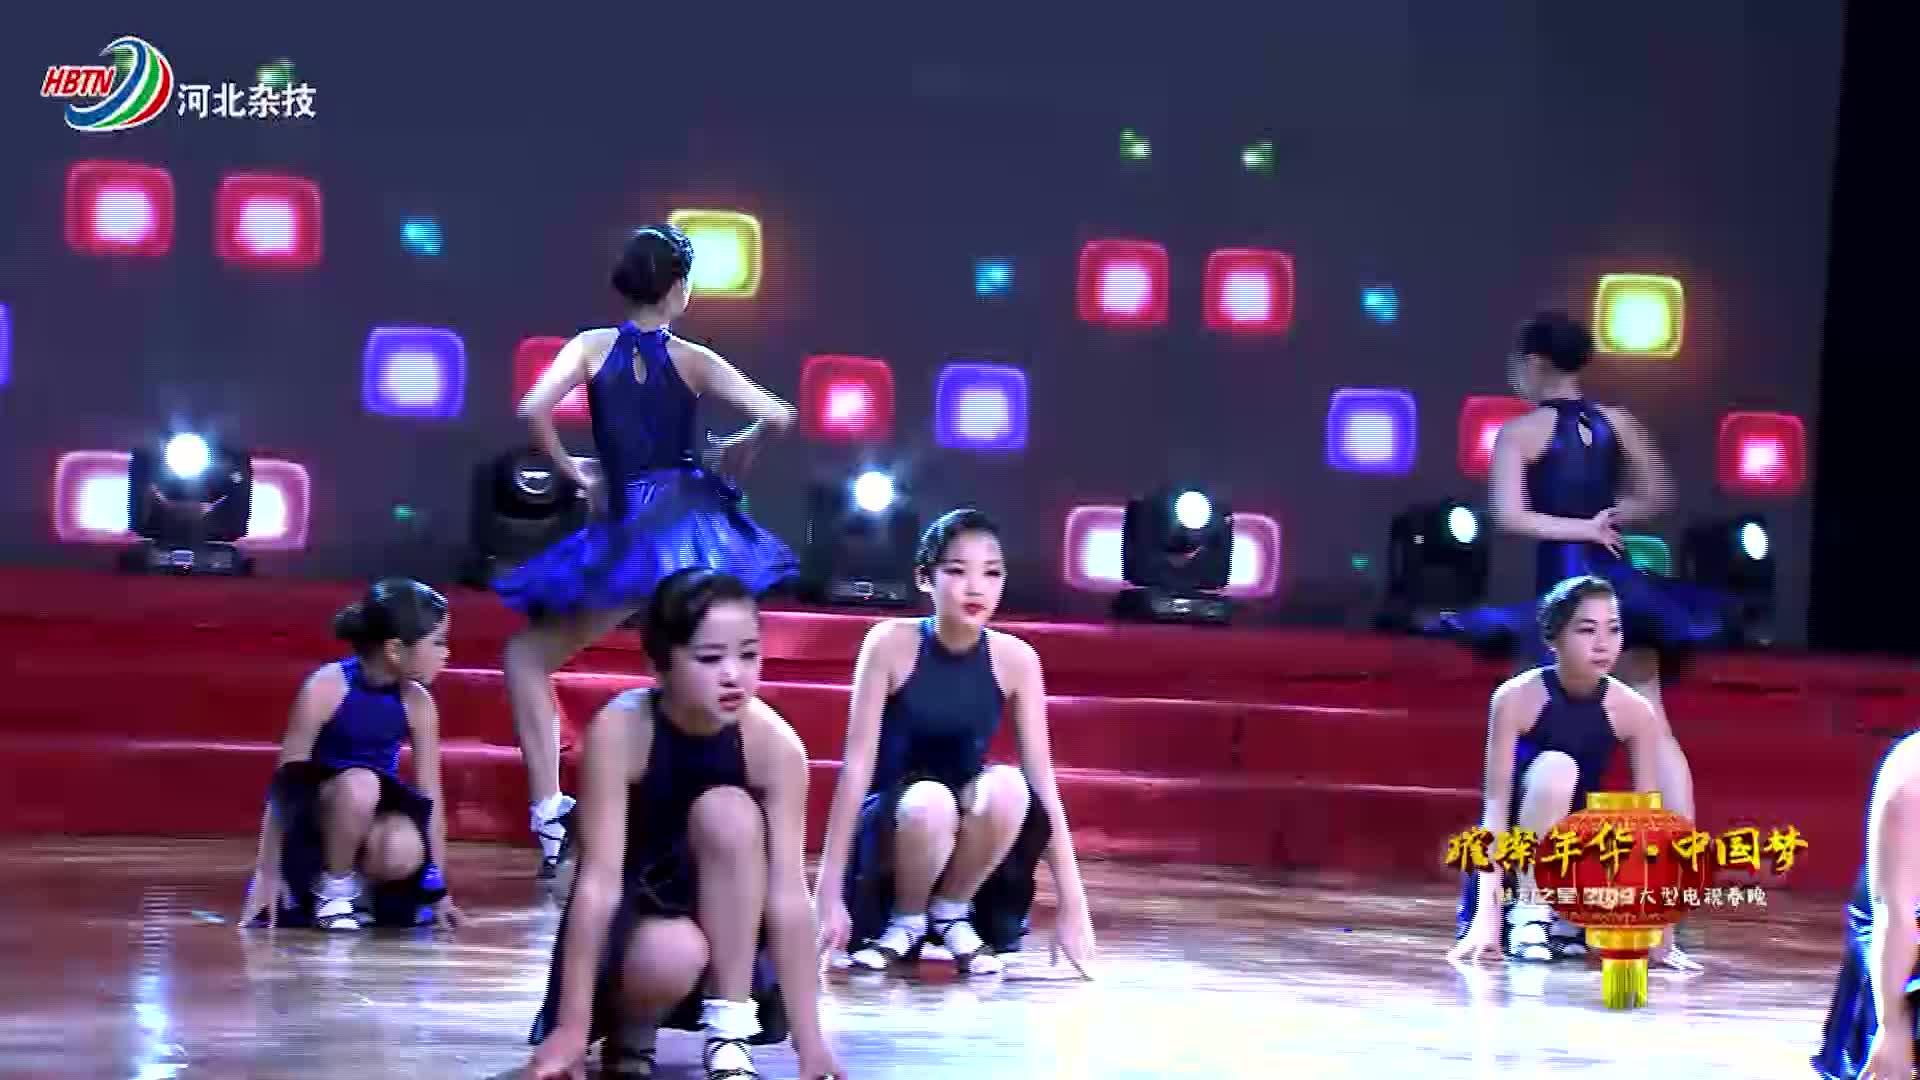 完美的演出,拉丁舞的温柔版本,没想到还能这么跳